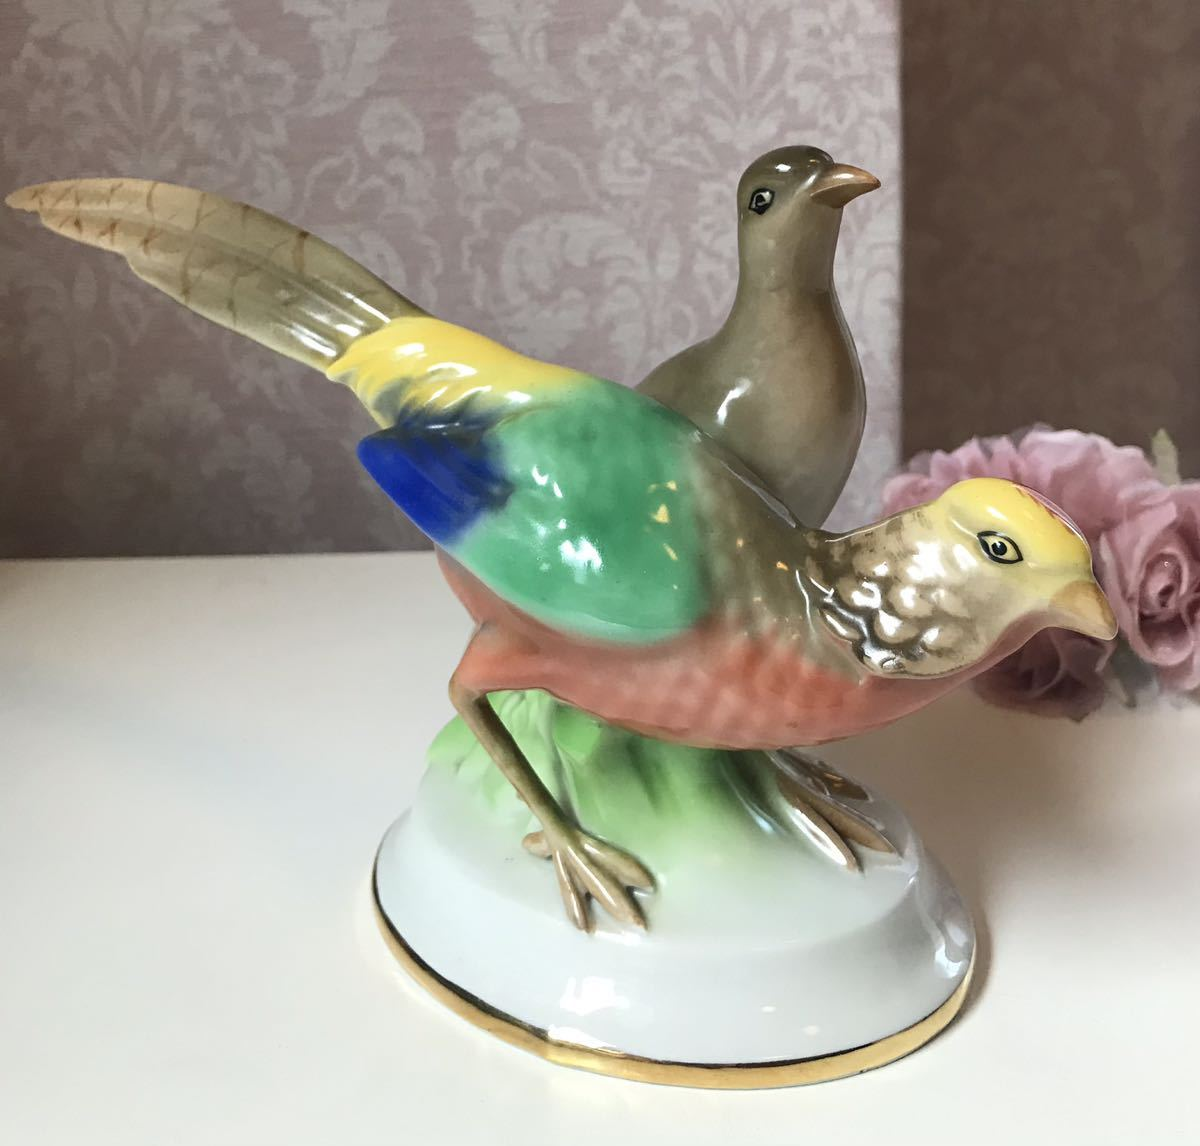 〈送料込〉〈ヴィンテージ〉1937~60年 24cm ゲロルドポーセリン バード フィギュリン Gerold ババリア フィギュア Bavaria 鳥 つがい 置物_画像1